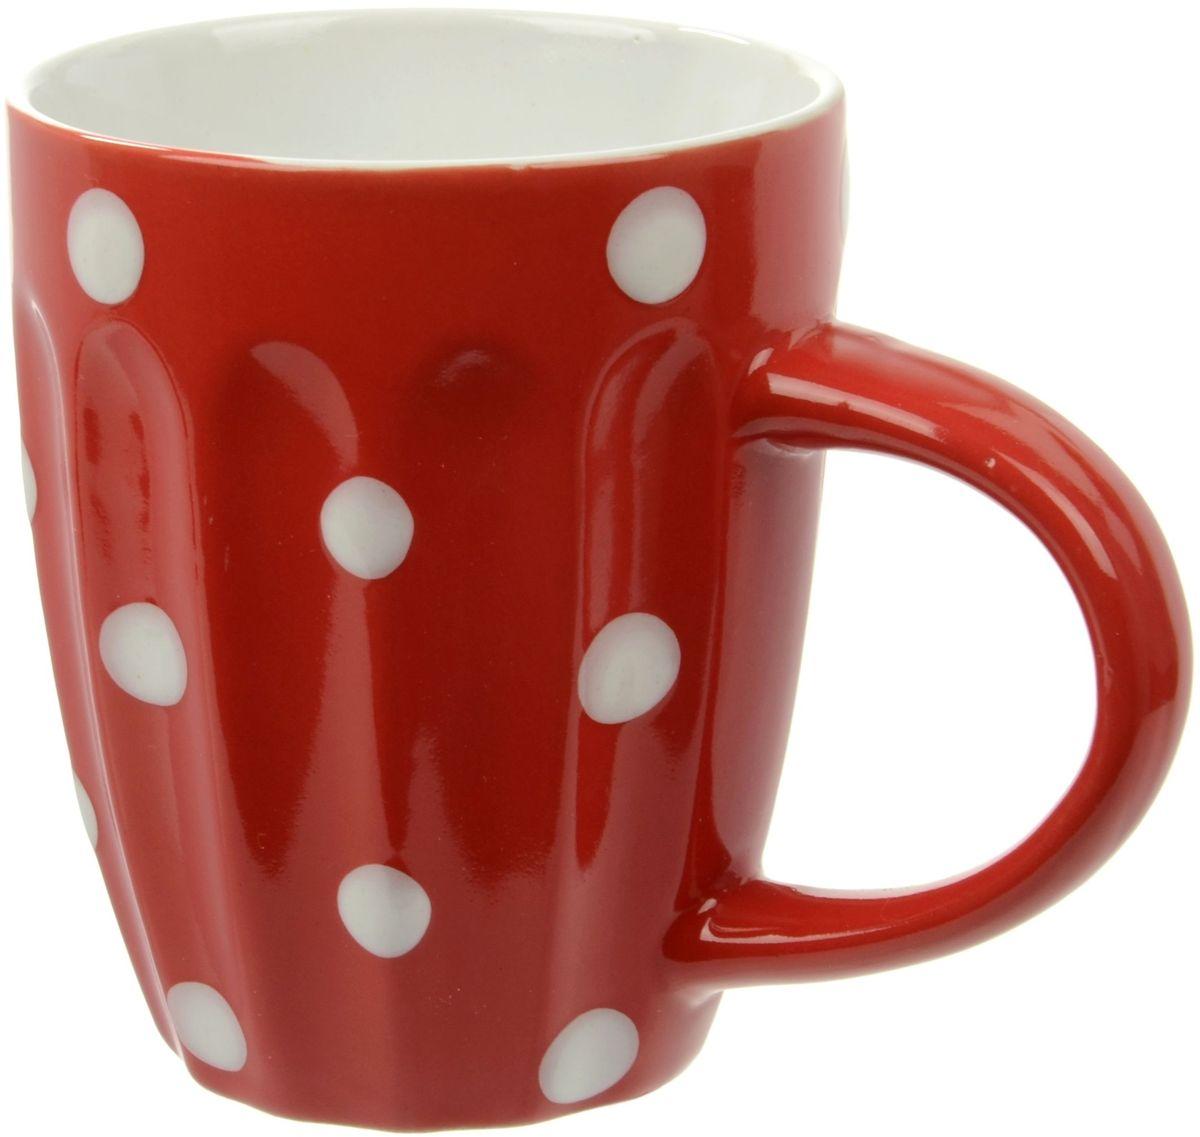 Кружка Elff Decor Горошек, цвет: красный, 330 мл1600-9977Кружка из коллекции Breakfast - это оригинальная керамическая посуда, идеальна подойдет для завтрака. Начинайте свой день с нашей яркой посуды, бодрого вам утра!